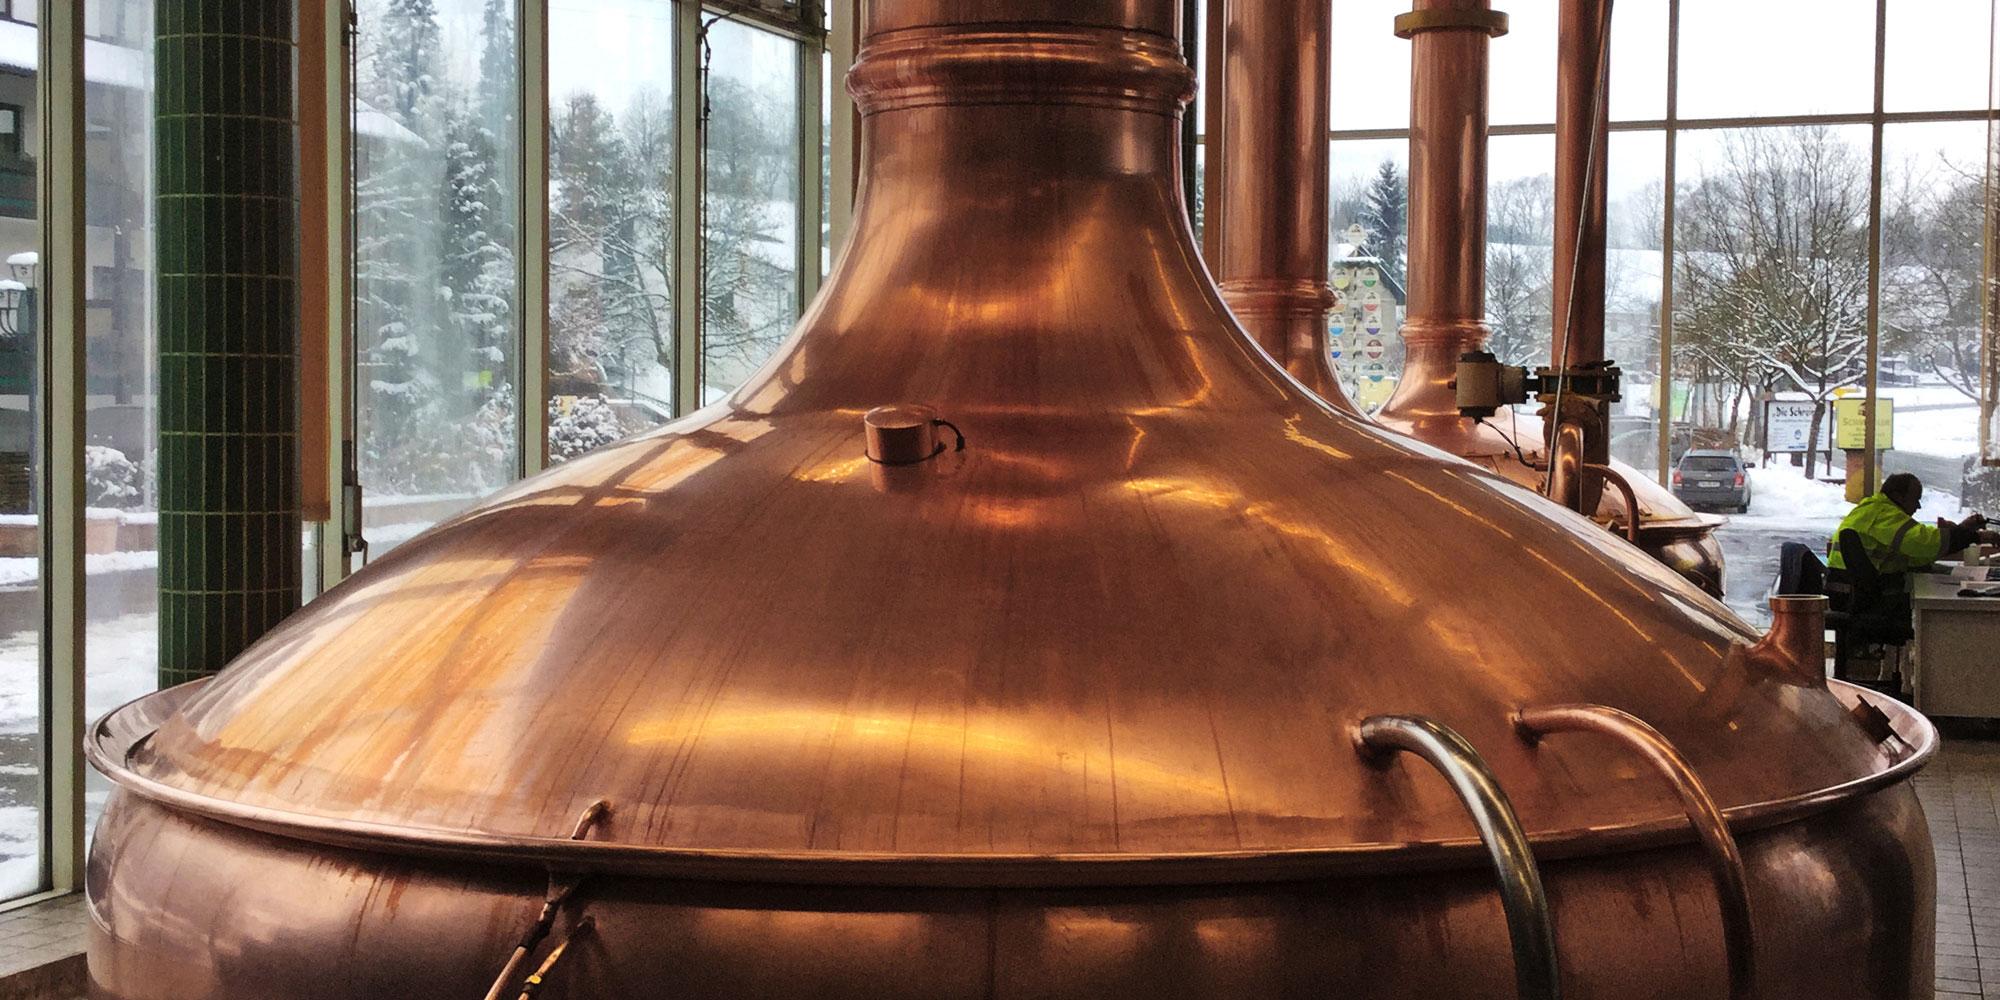 Privat-Brauerei Schmucker in Ober-Mossau